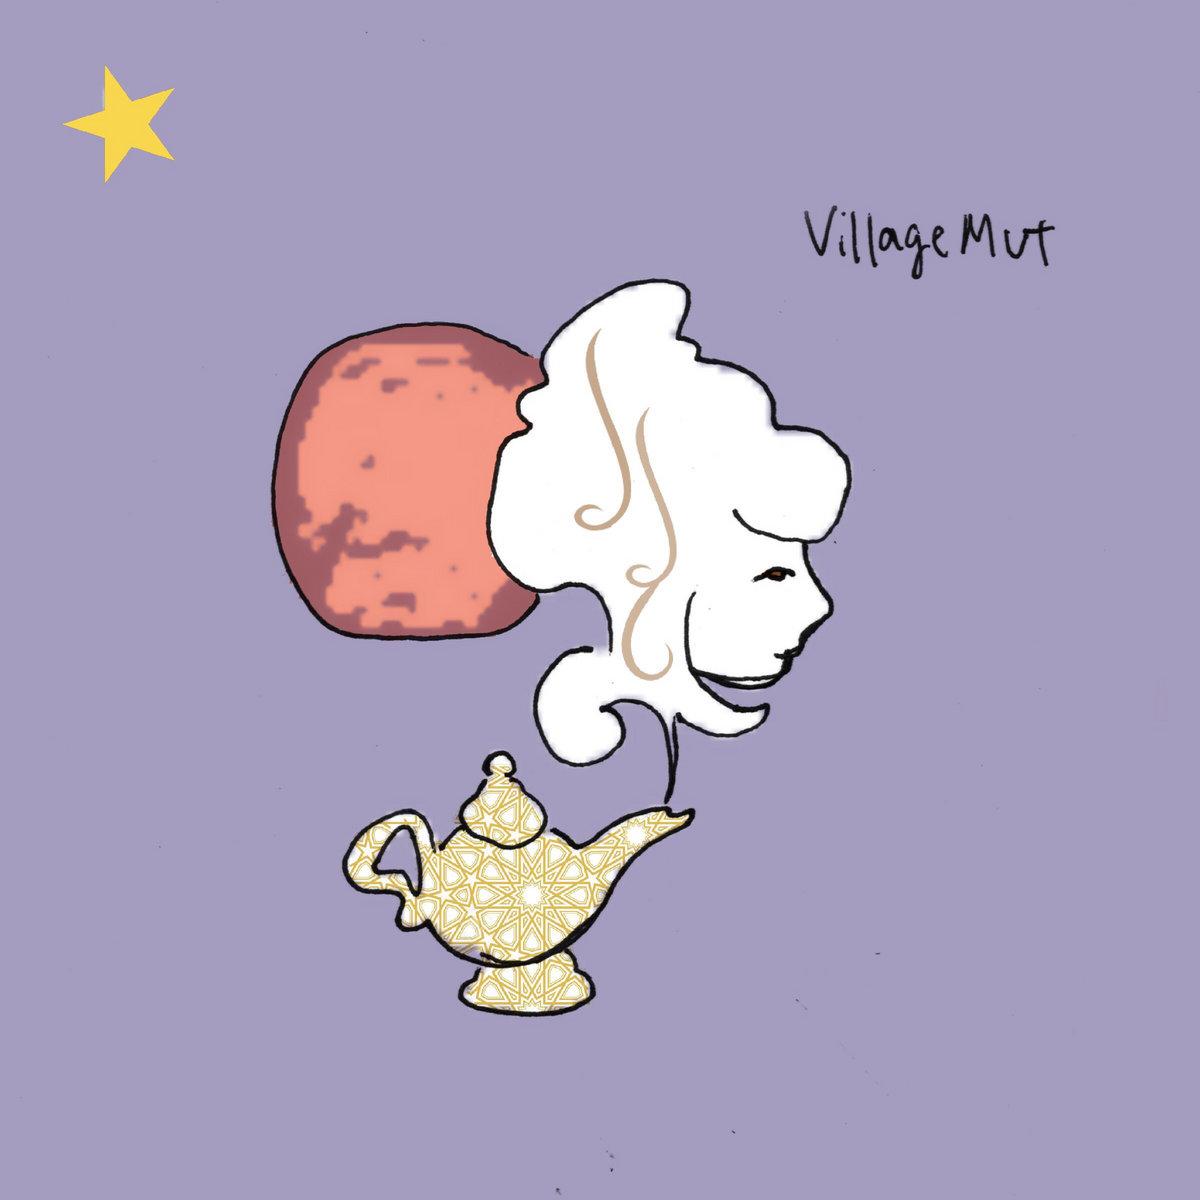 Giant Genie | Village Mut